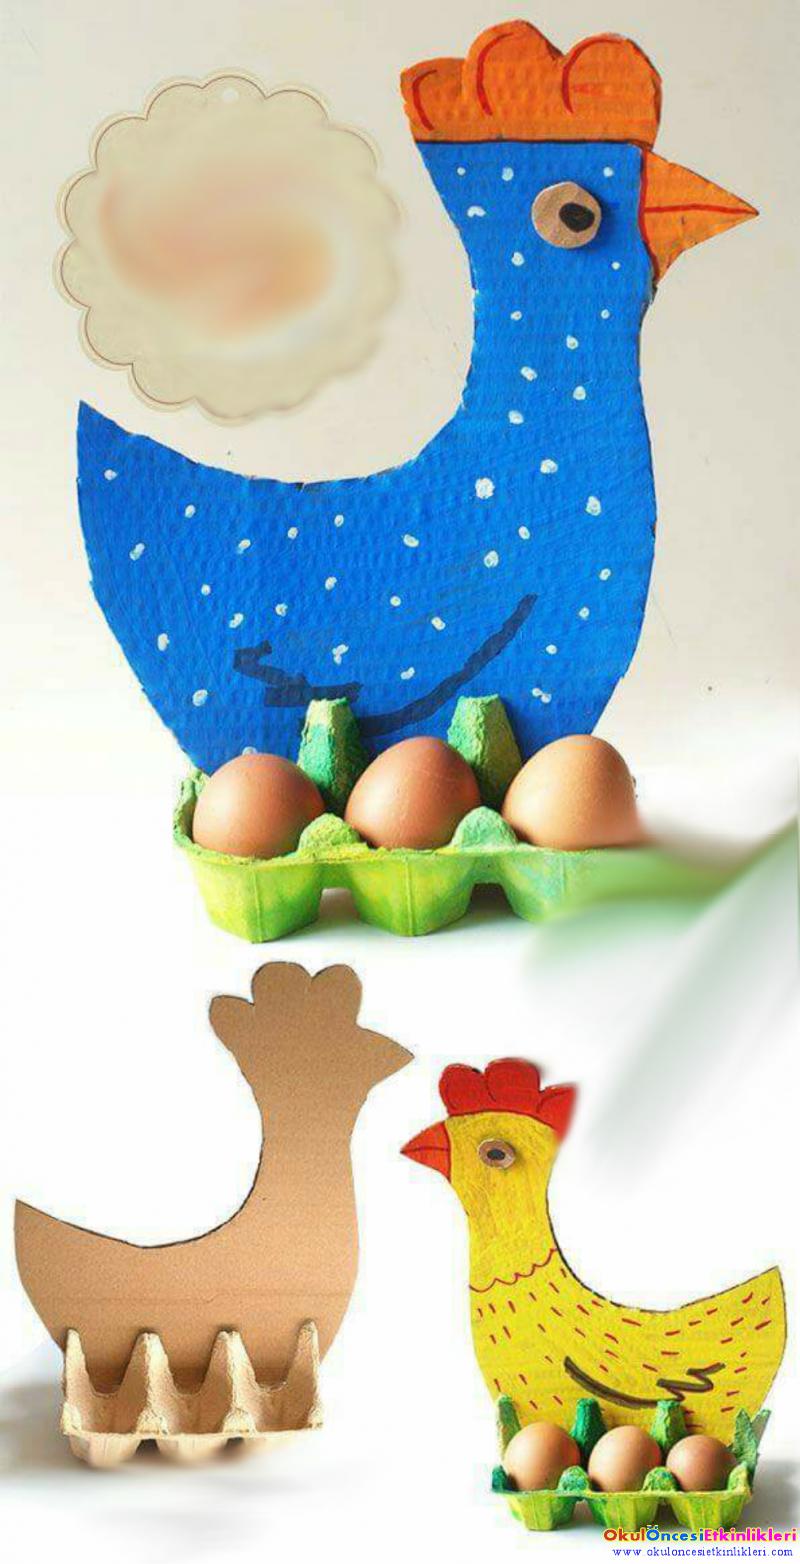 Tavuk Ve Yumurta Kolisi Kagit Isleri Okul Oncesi Etkinlikleri